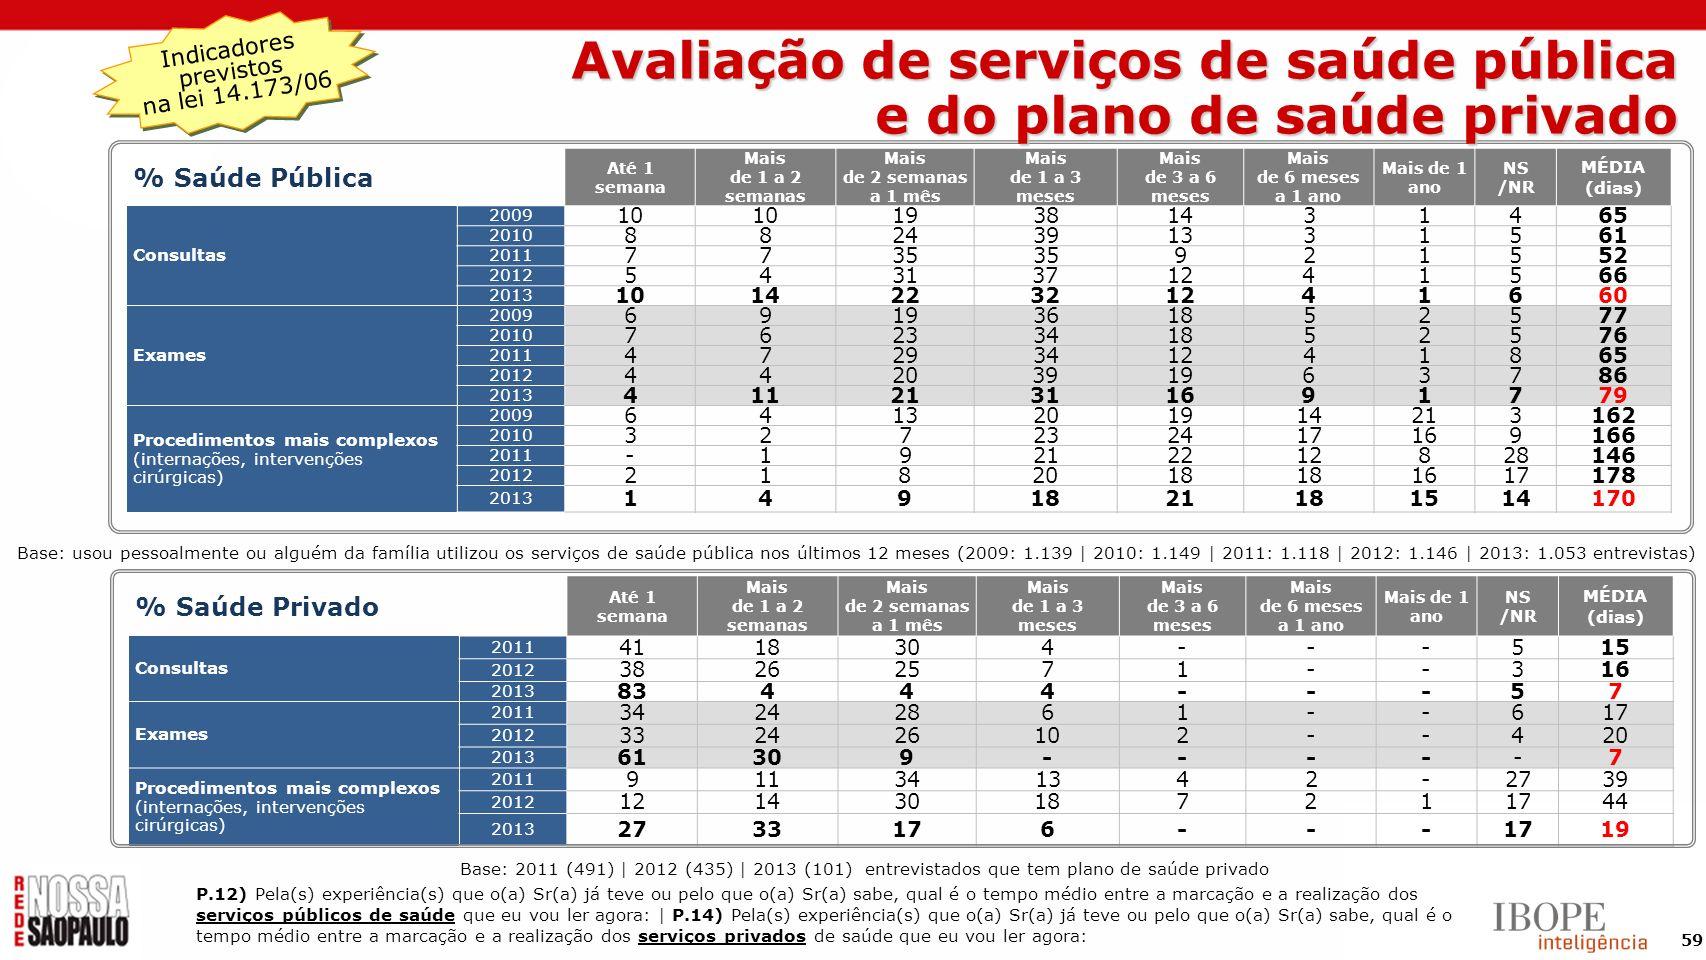 Avaliação de serviços de saúde pública e do plano de saúde privado